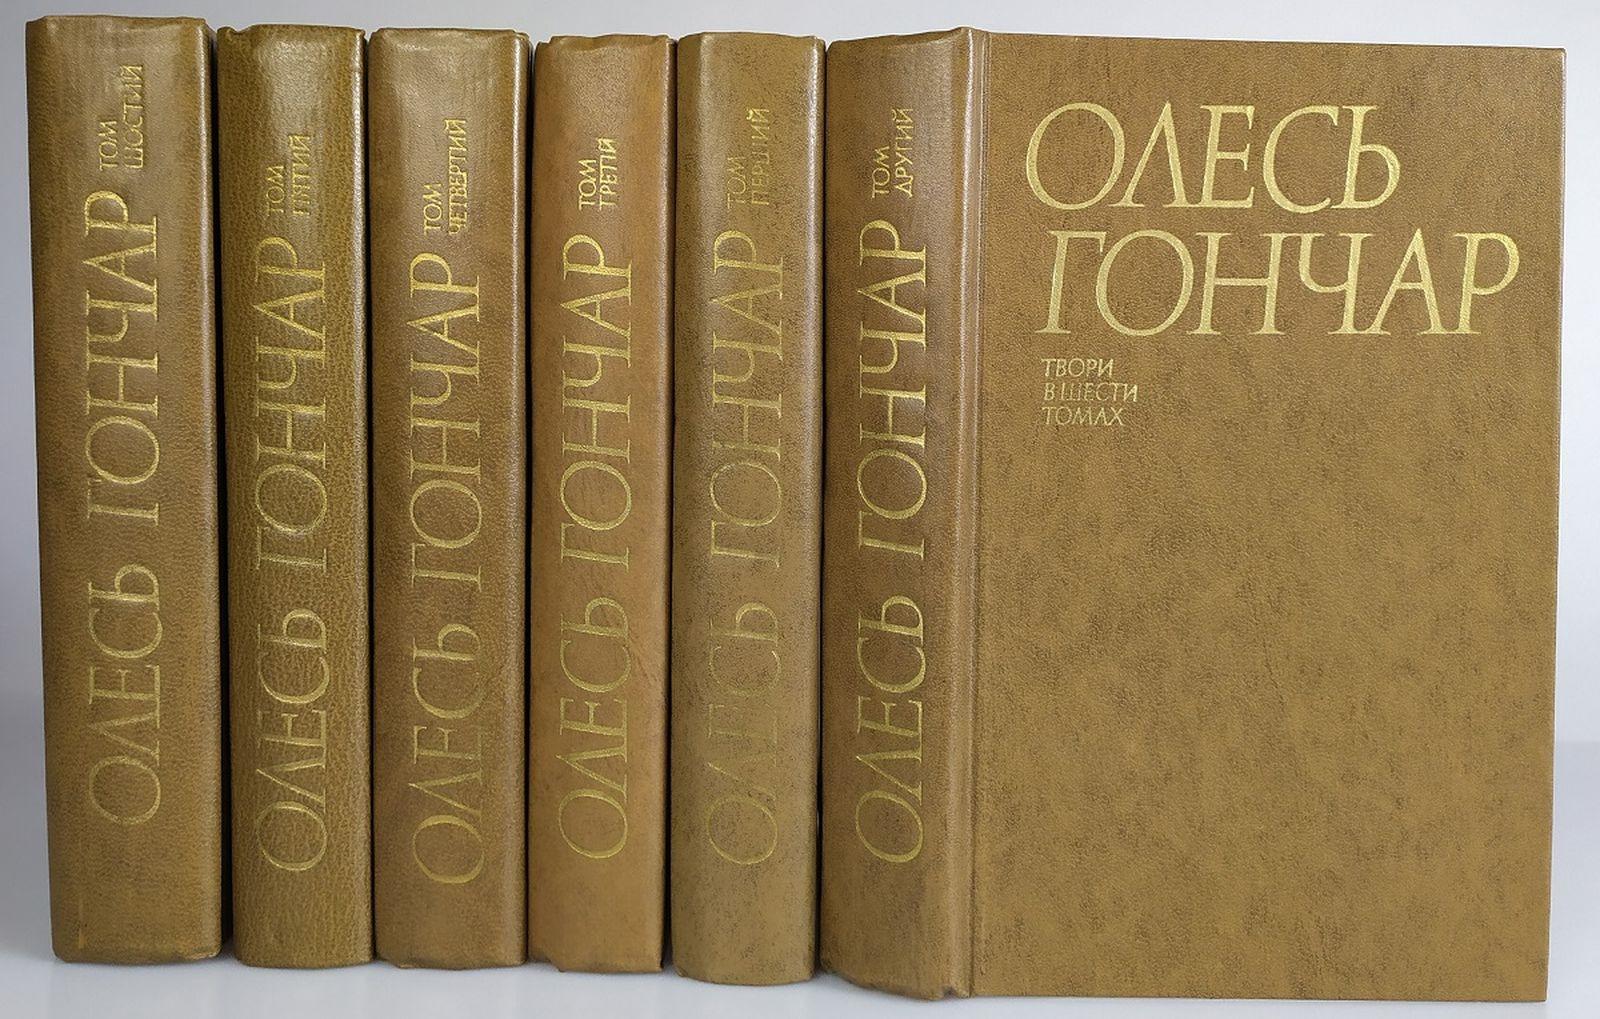 цена на Гончар Олесь Олесь Гончар. Сочинения в 6 томах (комплект из 6 книг)